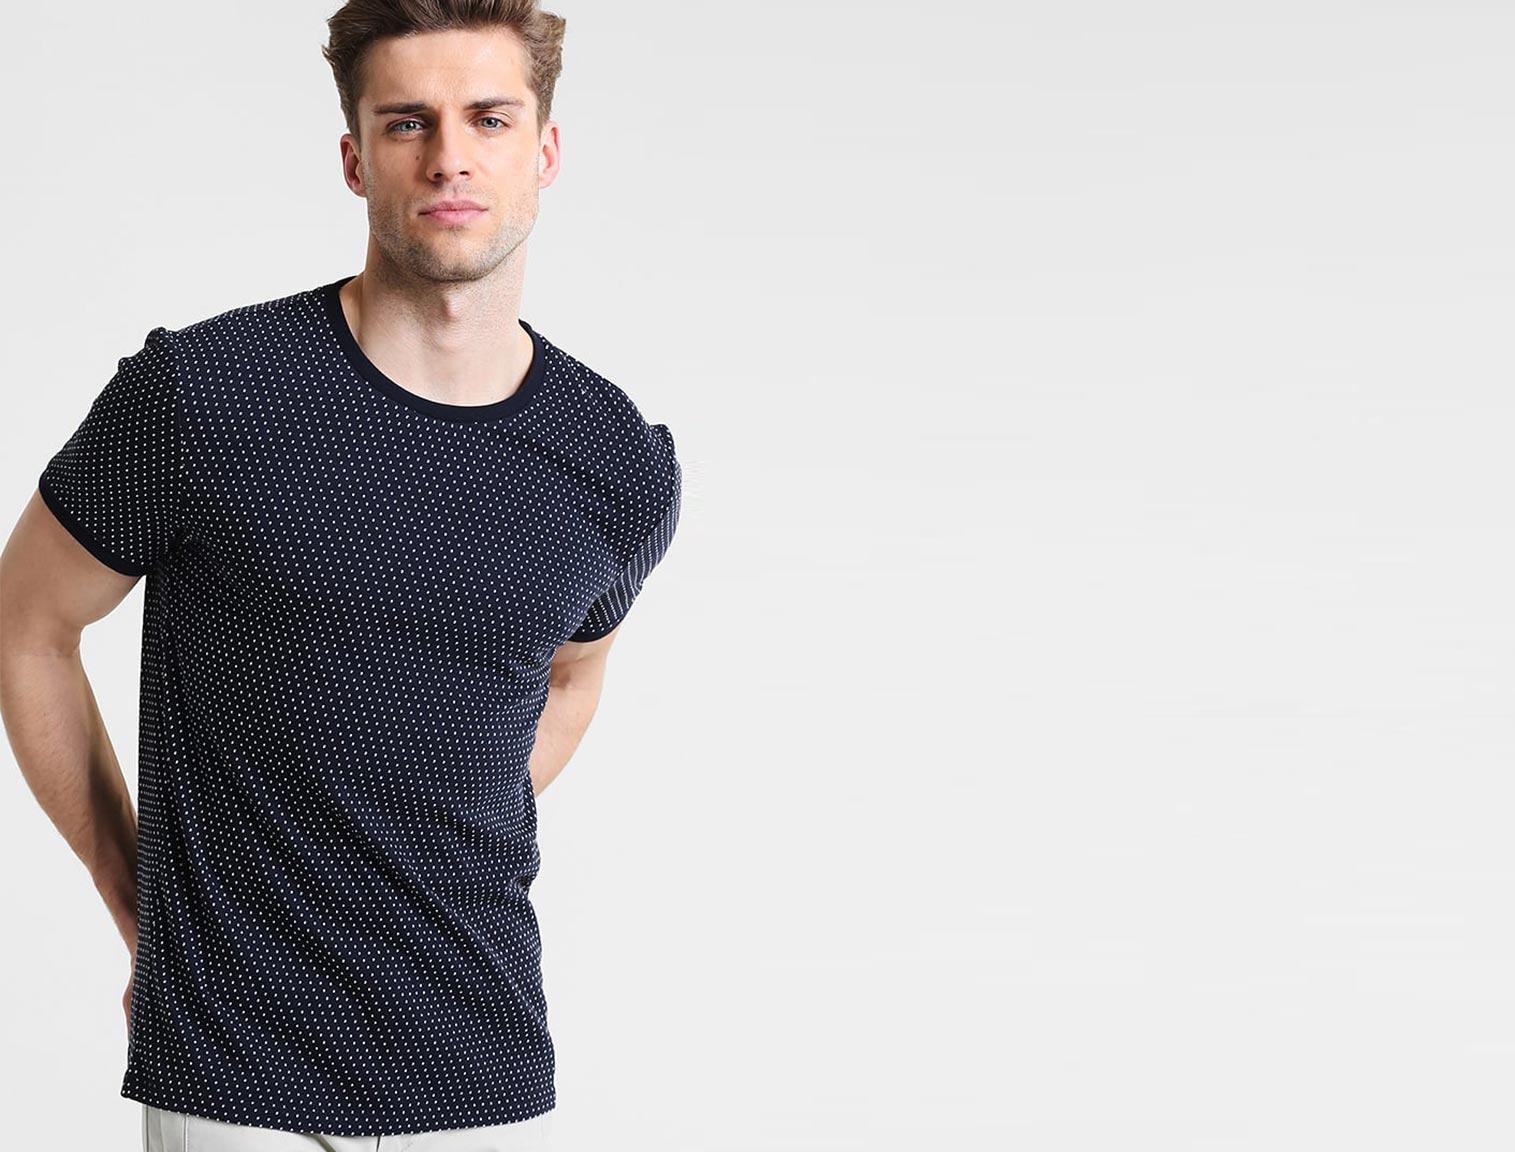 Hombre con camiseta de lunares azul marino